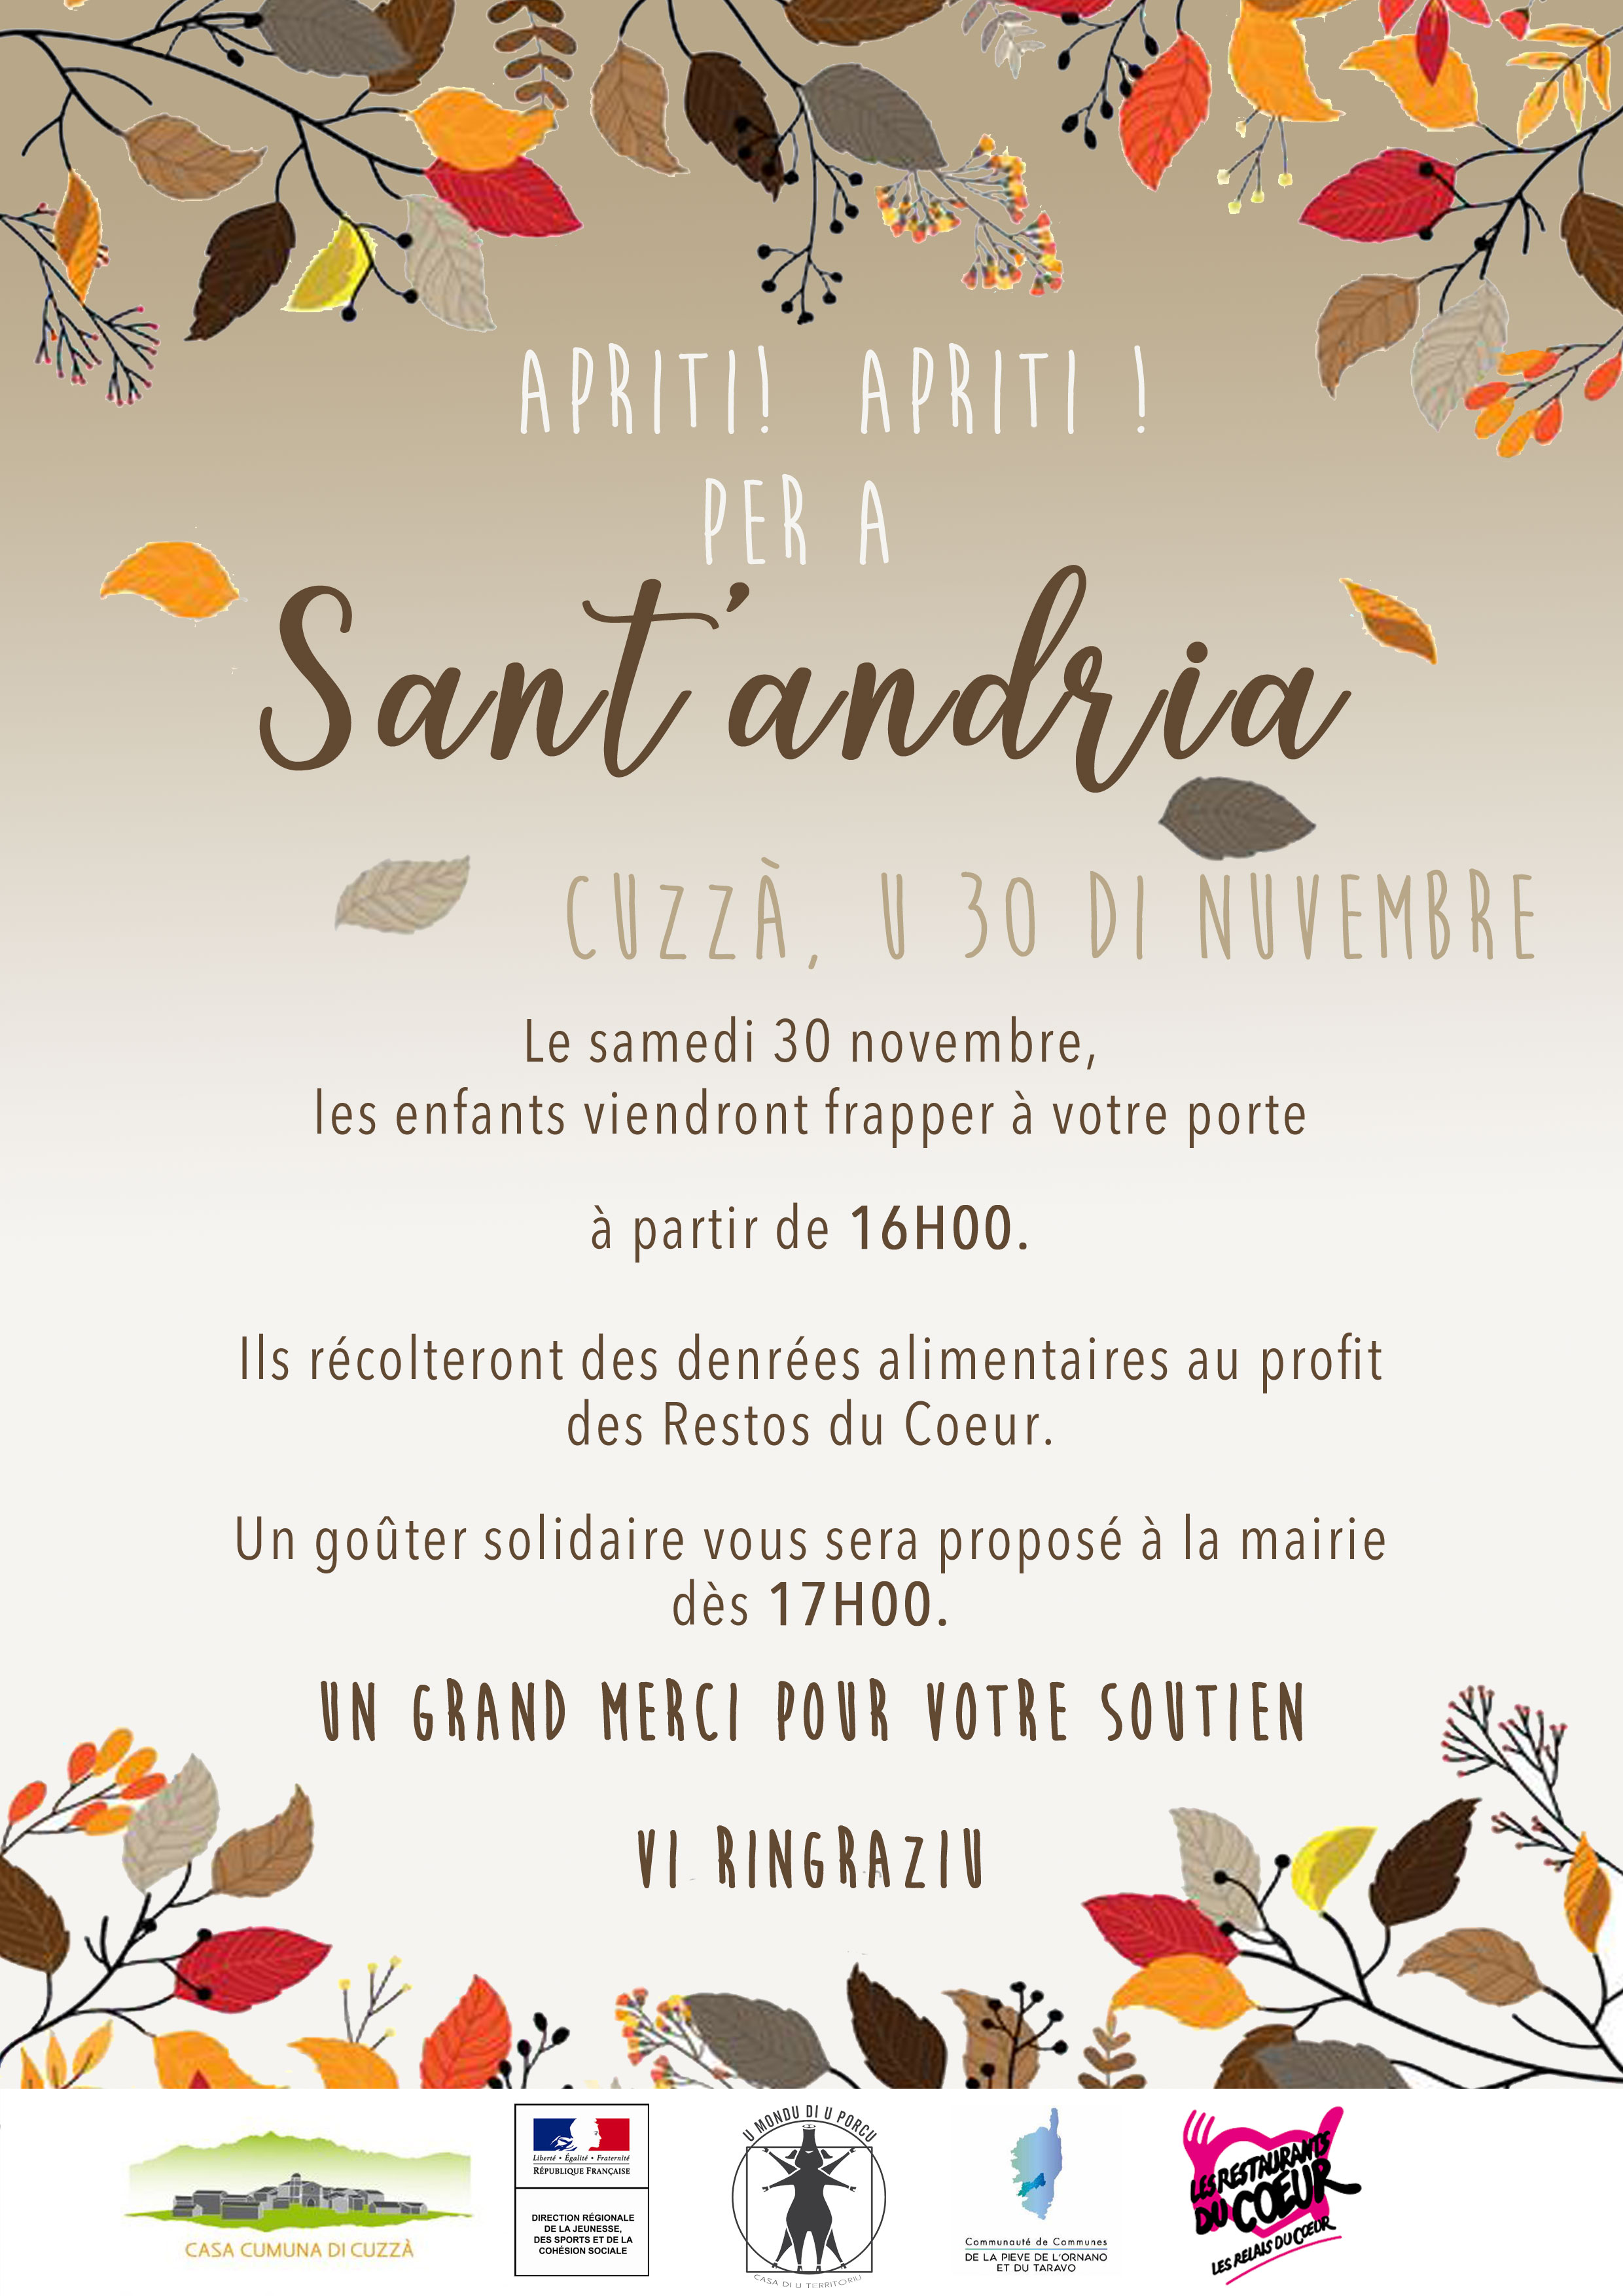 A Festa di Sant'Andria 2019